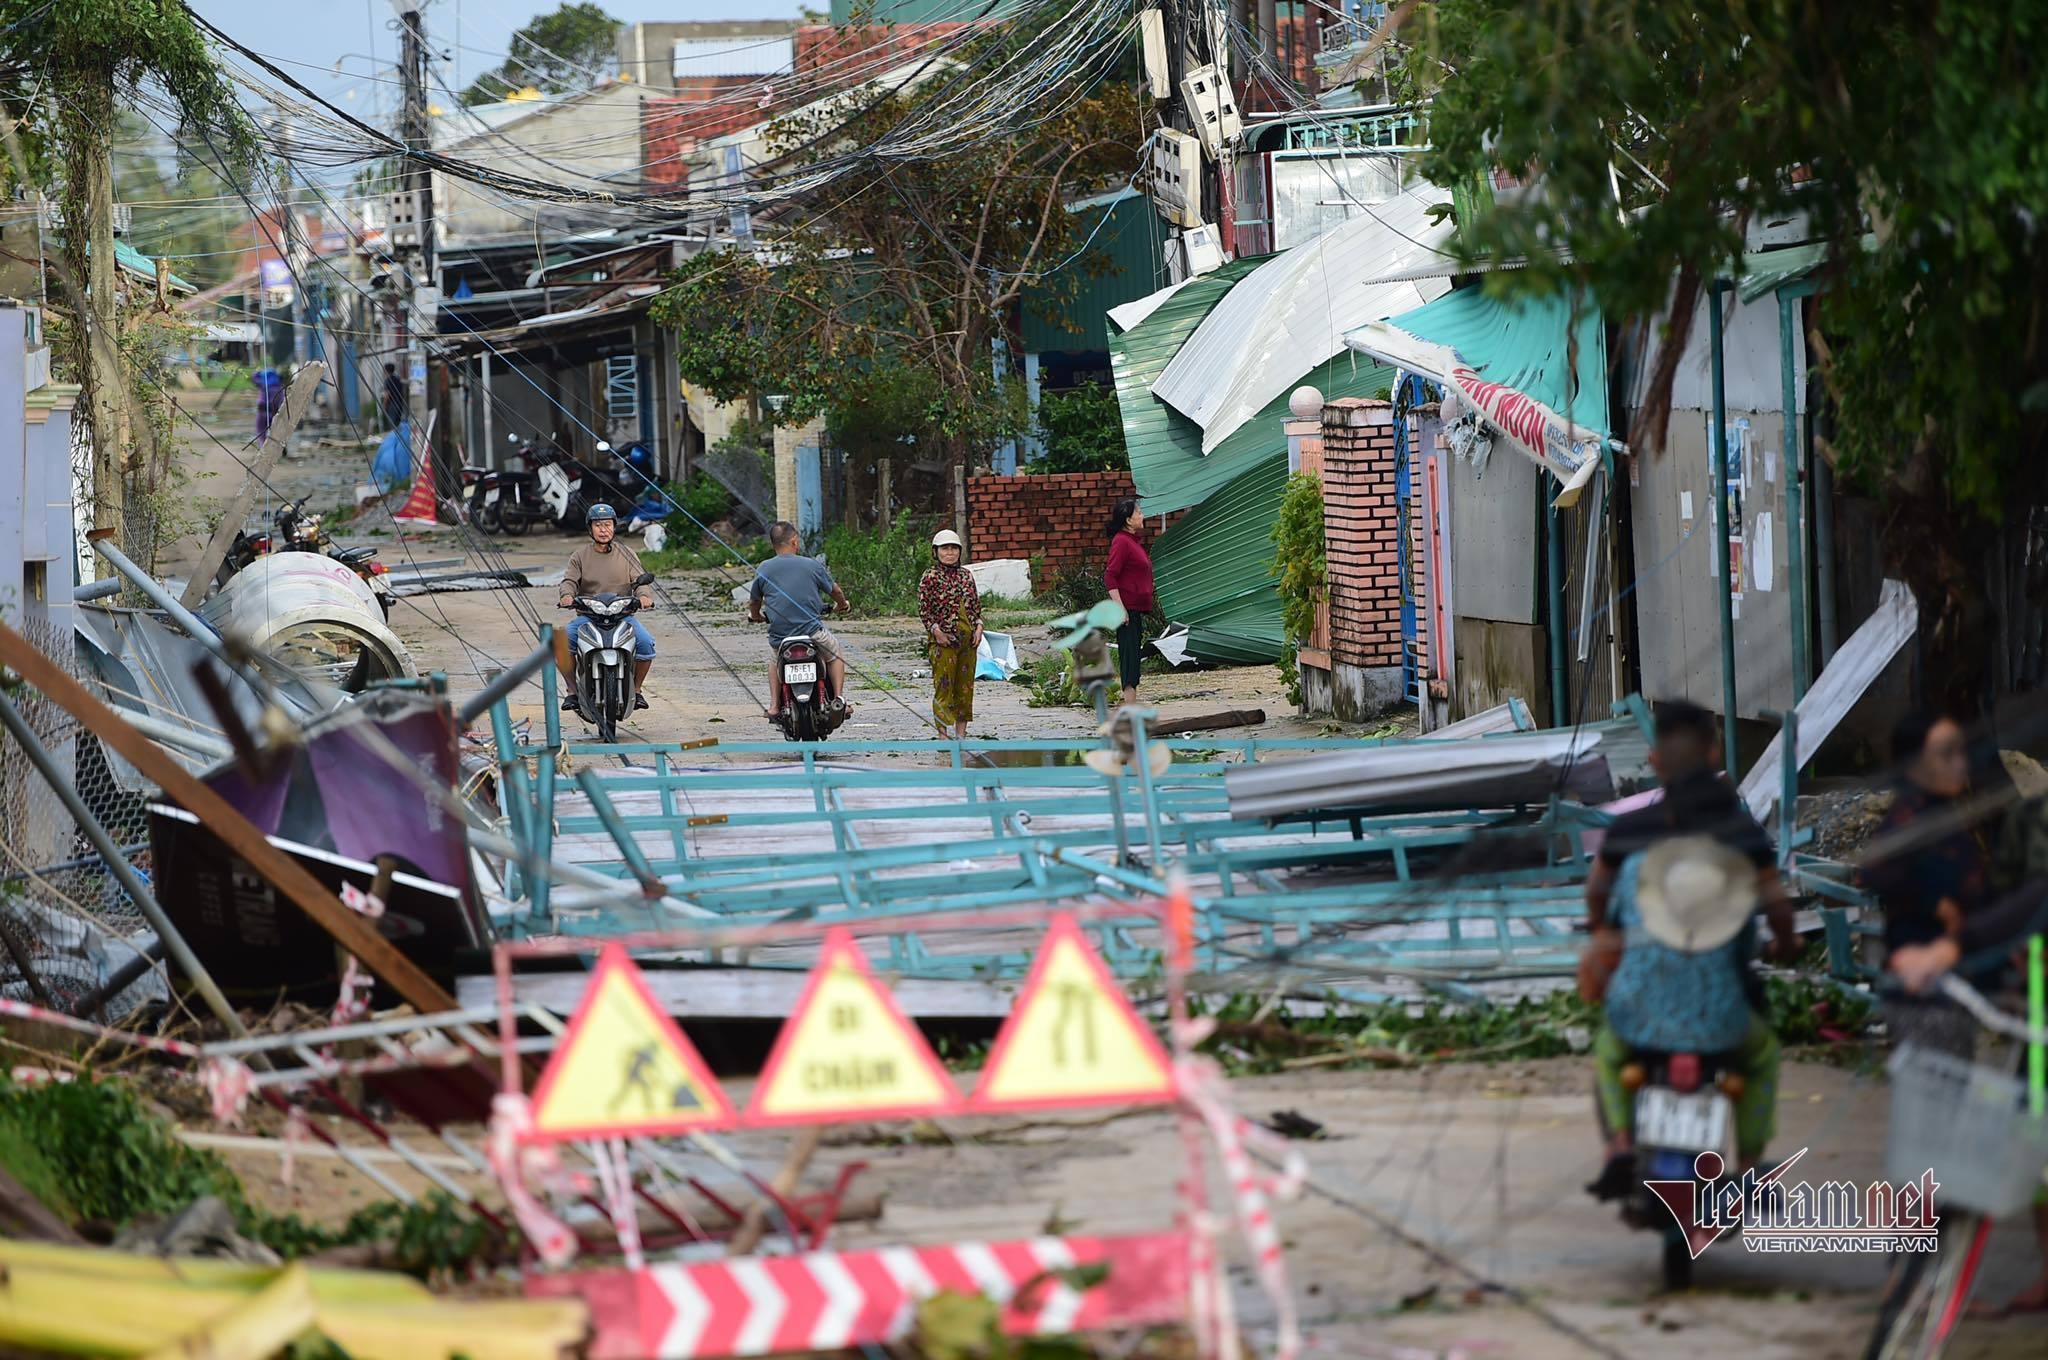 Thủ tướng: Tập trung khắc phục hậu quả thiên tai, xây lại nhà cửa trước Tết